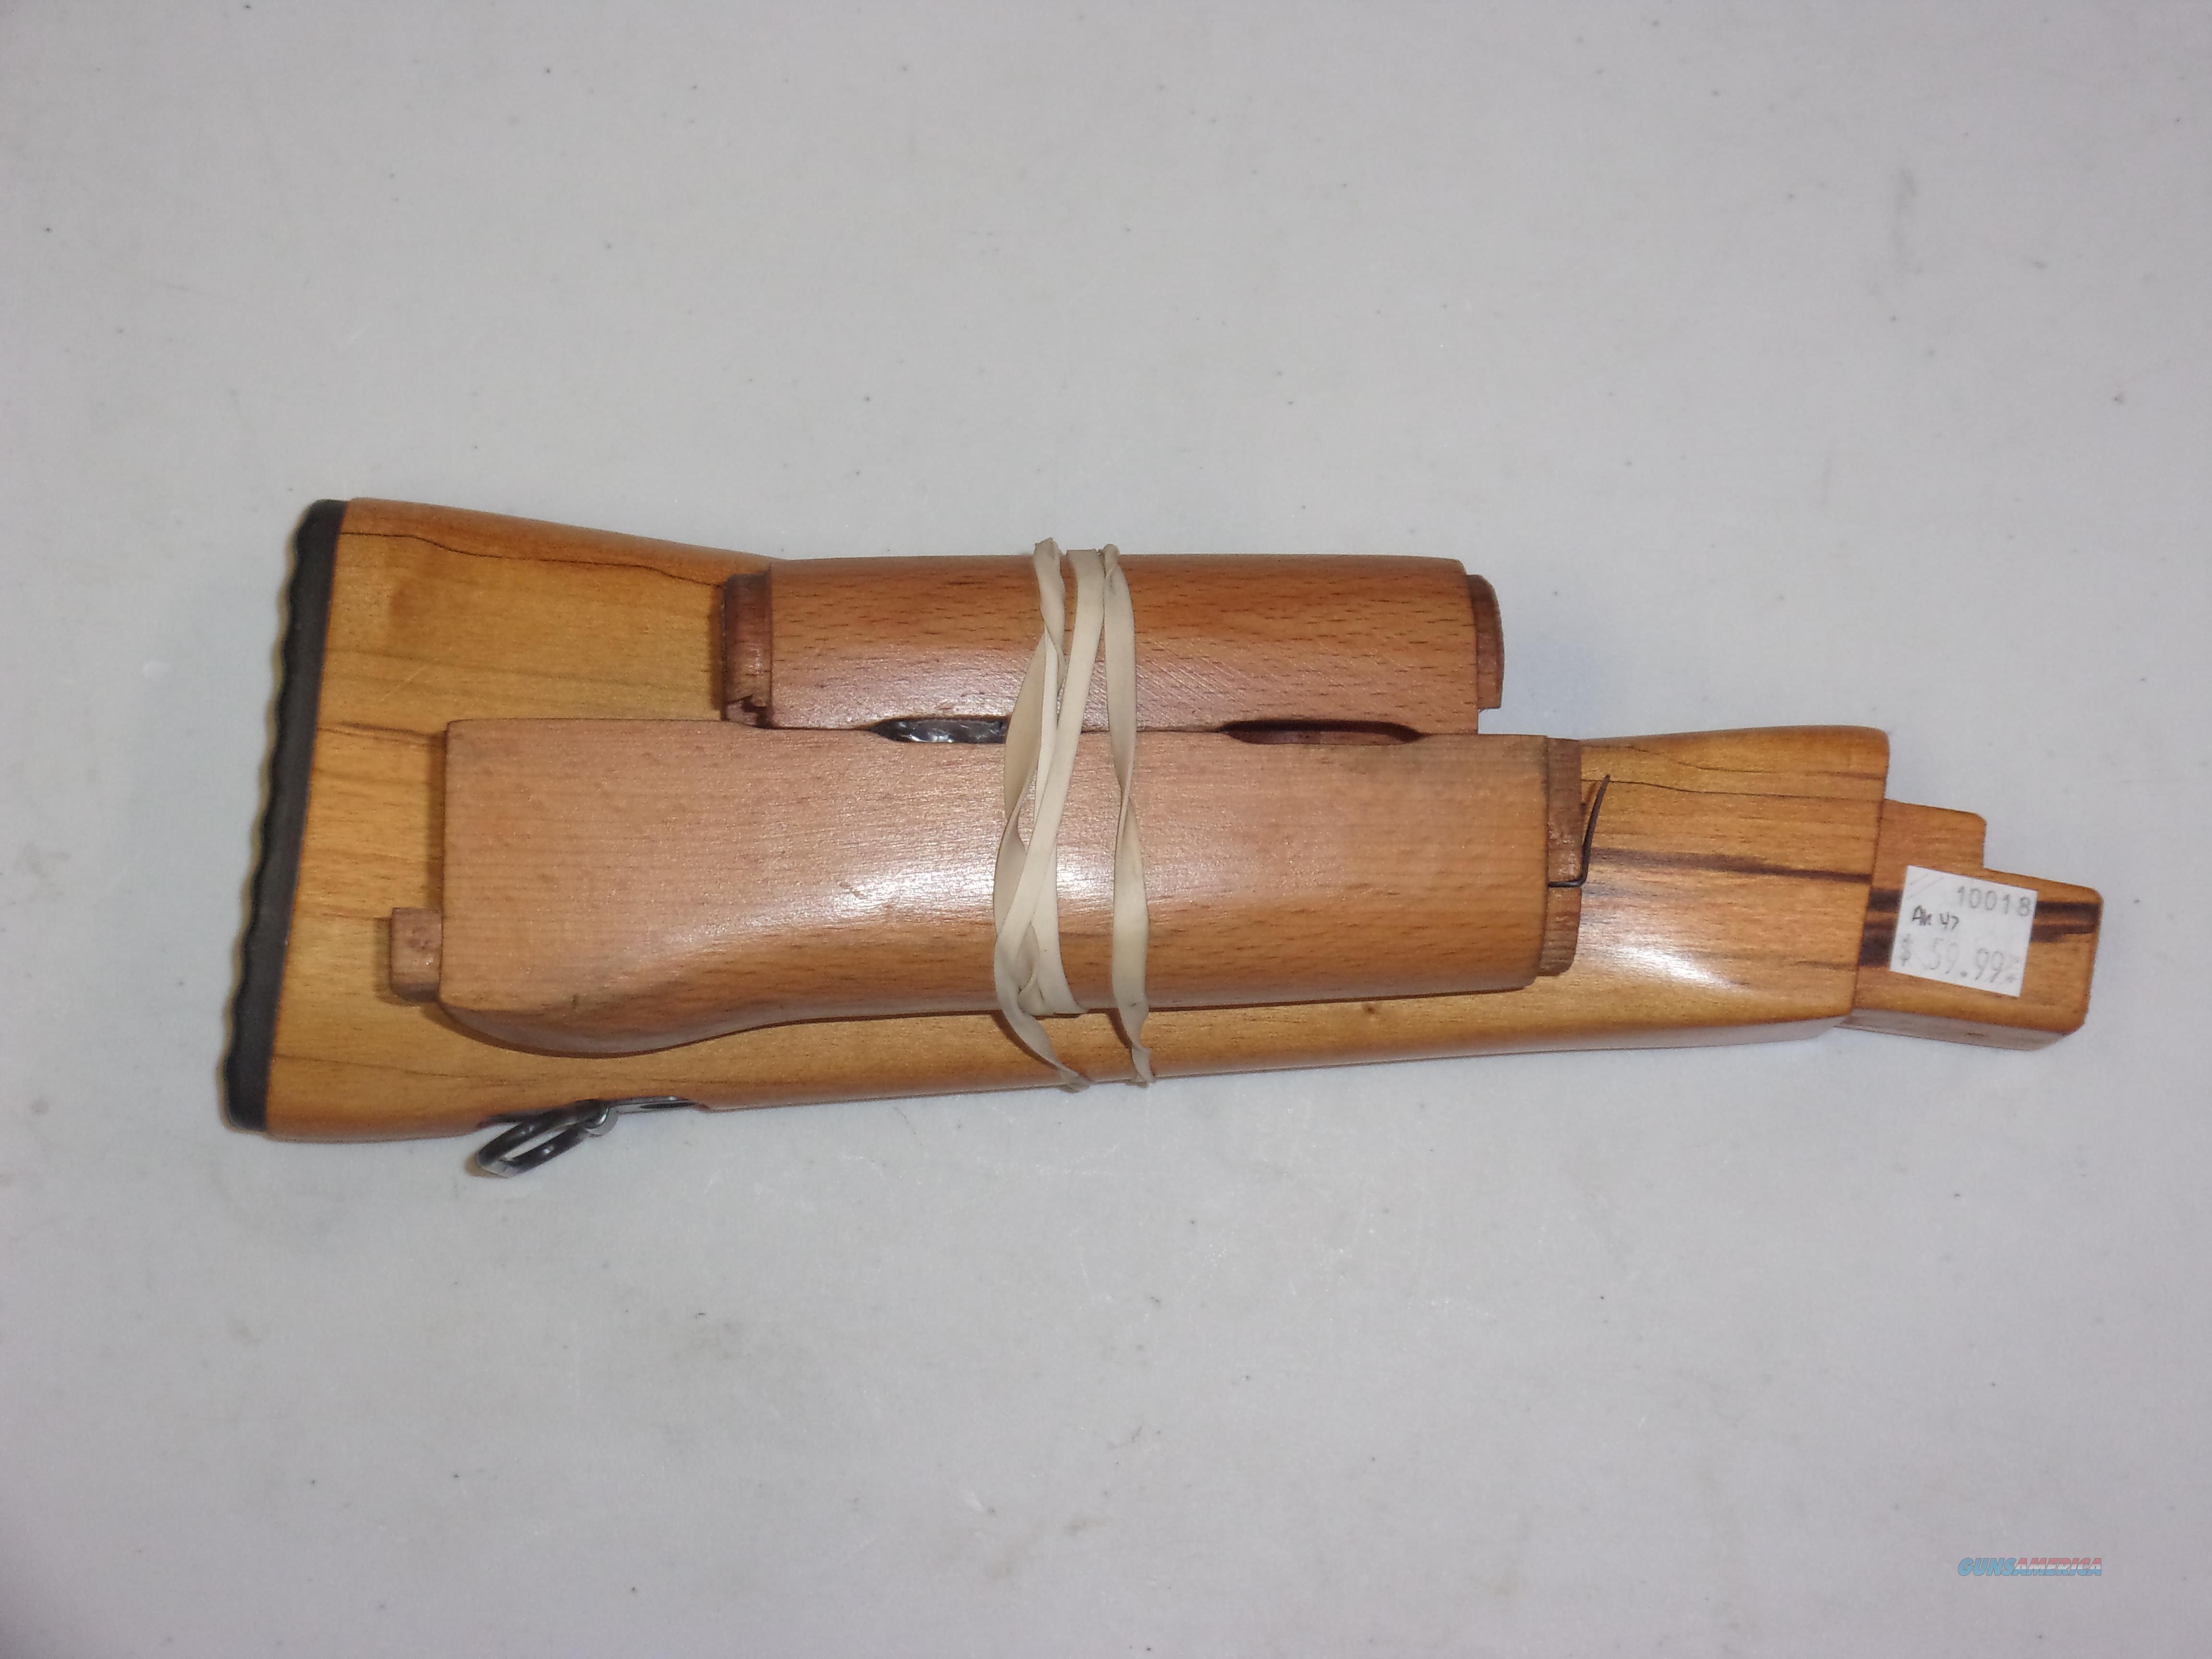 AK 47 Wood Furniture Set  Non-Guns > Gun Parts > Tactical Rails (Non-AR)